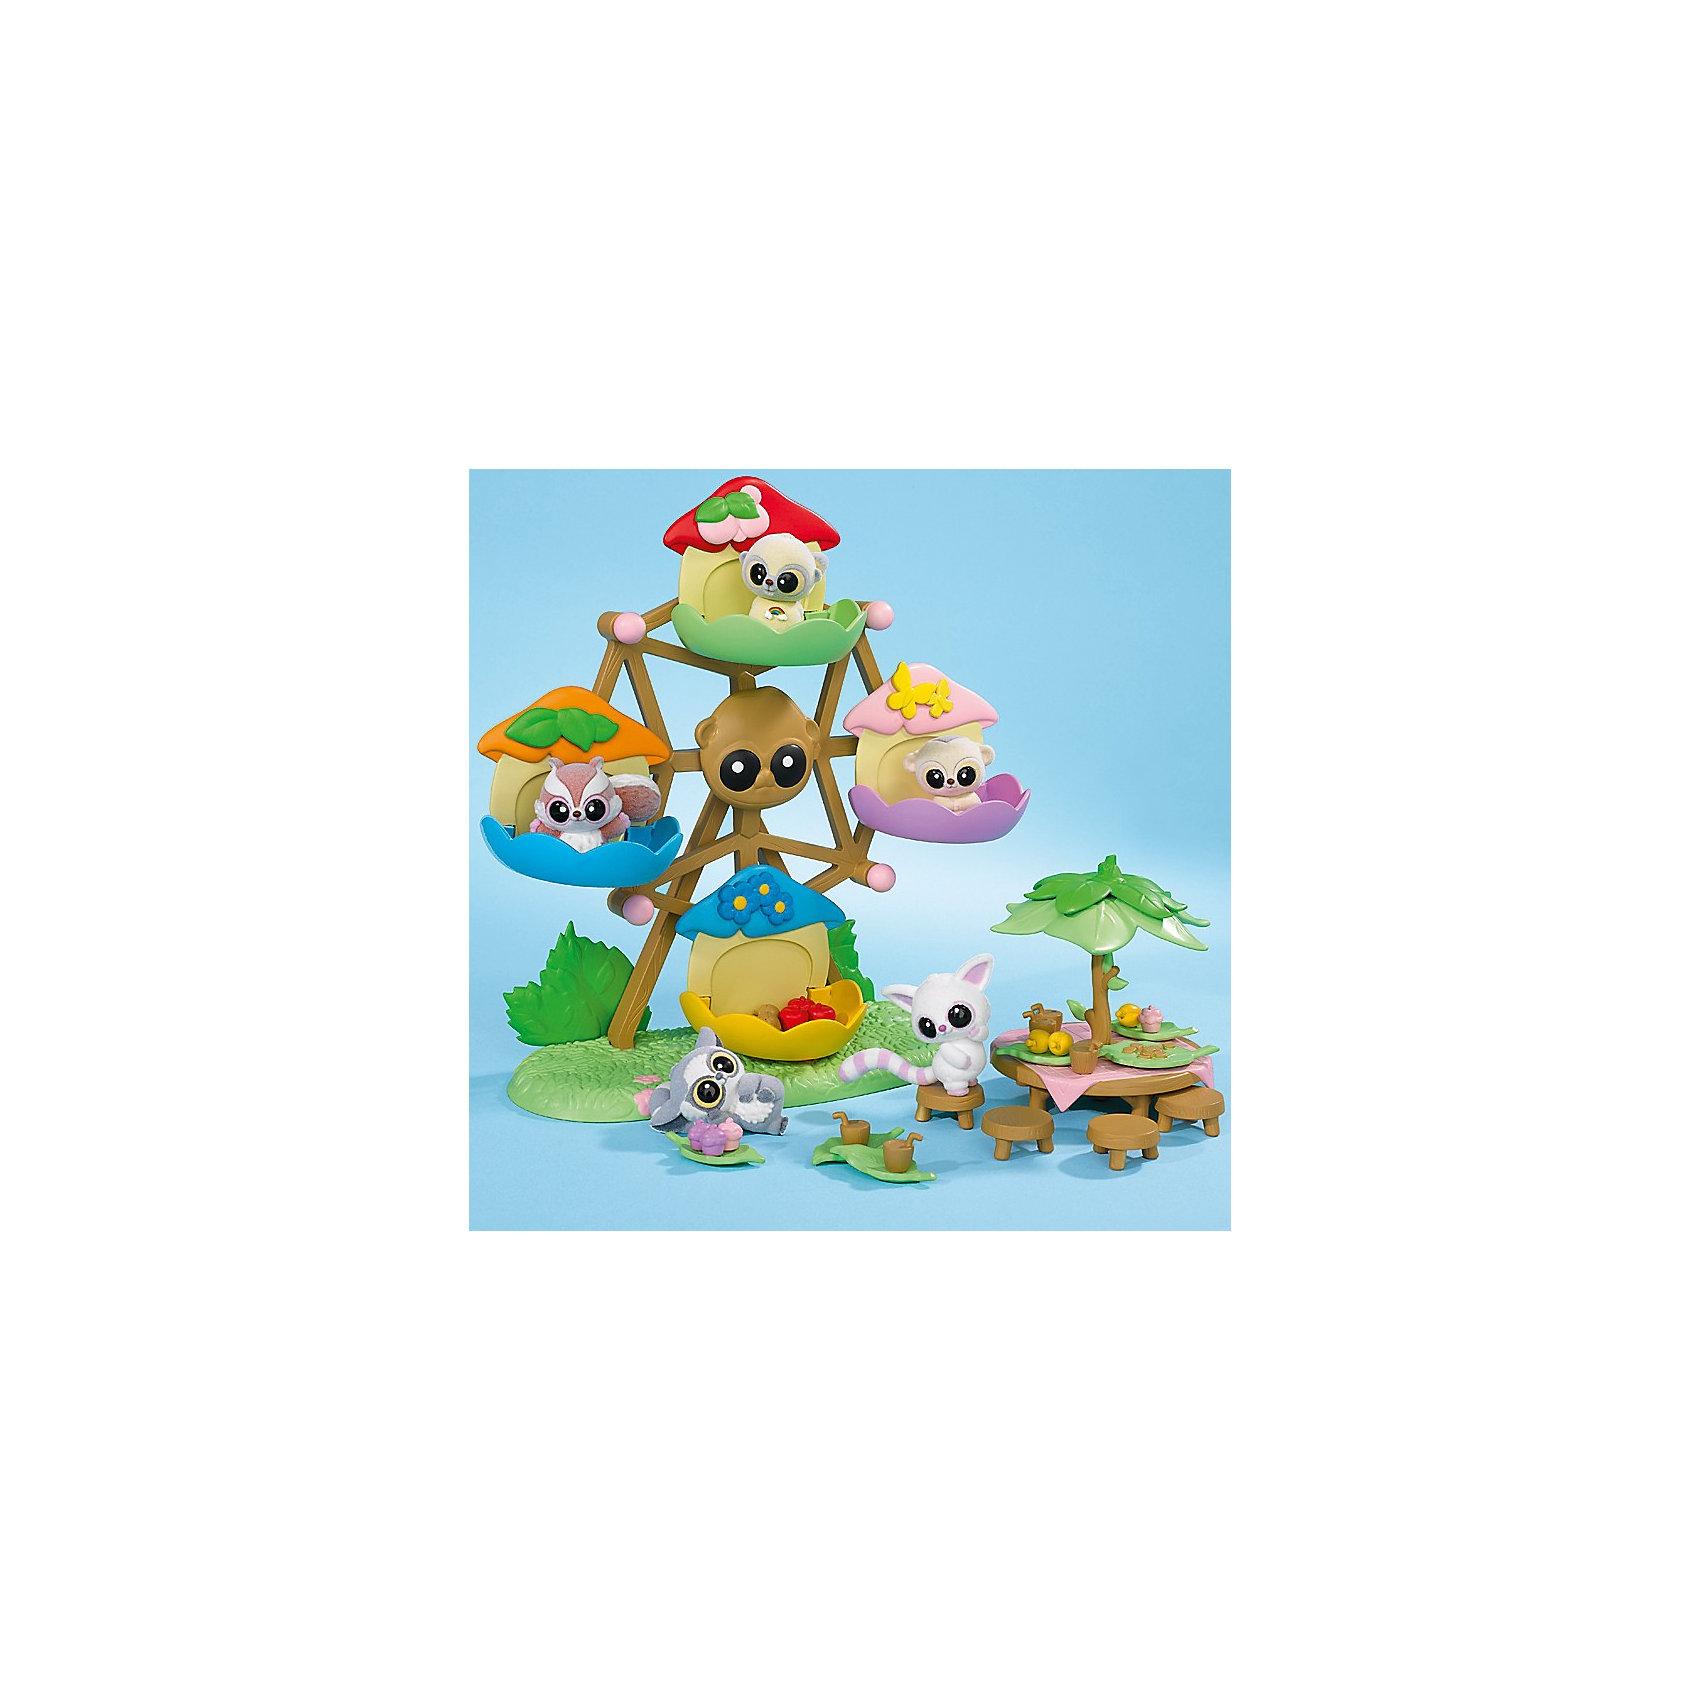 Каруселька, Юху и его друзьяЮху и его друзья<br>Добро пожаловать в невероятный мир YooHoo &amp; Friends (Юху и его Друзья), созданный компанией Aurora (Аврора). Играйте с персонажами мультфильма YooHoo &amp; Friends (Юху и его Друзья)! Разноцветная каруселька для игрушечных фигурок Юху и его друзей. В карусельке могут поместиться четыре игрушки Yoohoo. Карусельку можно крутить за ручки. В комплект с каруселью входят игрушечная фигурка лемура Юху и столик для пикника с пятью маленькими табуретками и дополнительными аксессуарами. Теперь Юху и его друзья могут сначала повеселиться на карусели, а потом присесть и пообедать за чудесным круглым столом. <br><br>Дополнительная информация:<br><br>- изготовлена из материала высокого качества;<br>- зверек Юху - герои любимого мультика;<br>- размер упаковки: 26х17х27 см;<br>- вес: 0,49 кг;<br>- в комплекте 1 фигурка и каруселька, столик, стульчики, аксессуары для обеда.<br><br>В наборе есть все необходимое для отличного отдыха YooHoo &amp; Friends (Юху и его Друзей).<br><br>Карусельку с фигуркой YooHoo &amp; Friends (Юху и его Друзья), Вы можете купить в нашем интернет-магазине.<br><br>Ширина мм: 264<br>Глубина мм: 279<br>Высота мм: 129<br>Вес г: 476<br>Возраст от месяцев: 36<br>Возраст до месяцев: 72<br>Пол: Женский<br>Возраст: Детский<br>SKU: 3159704